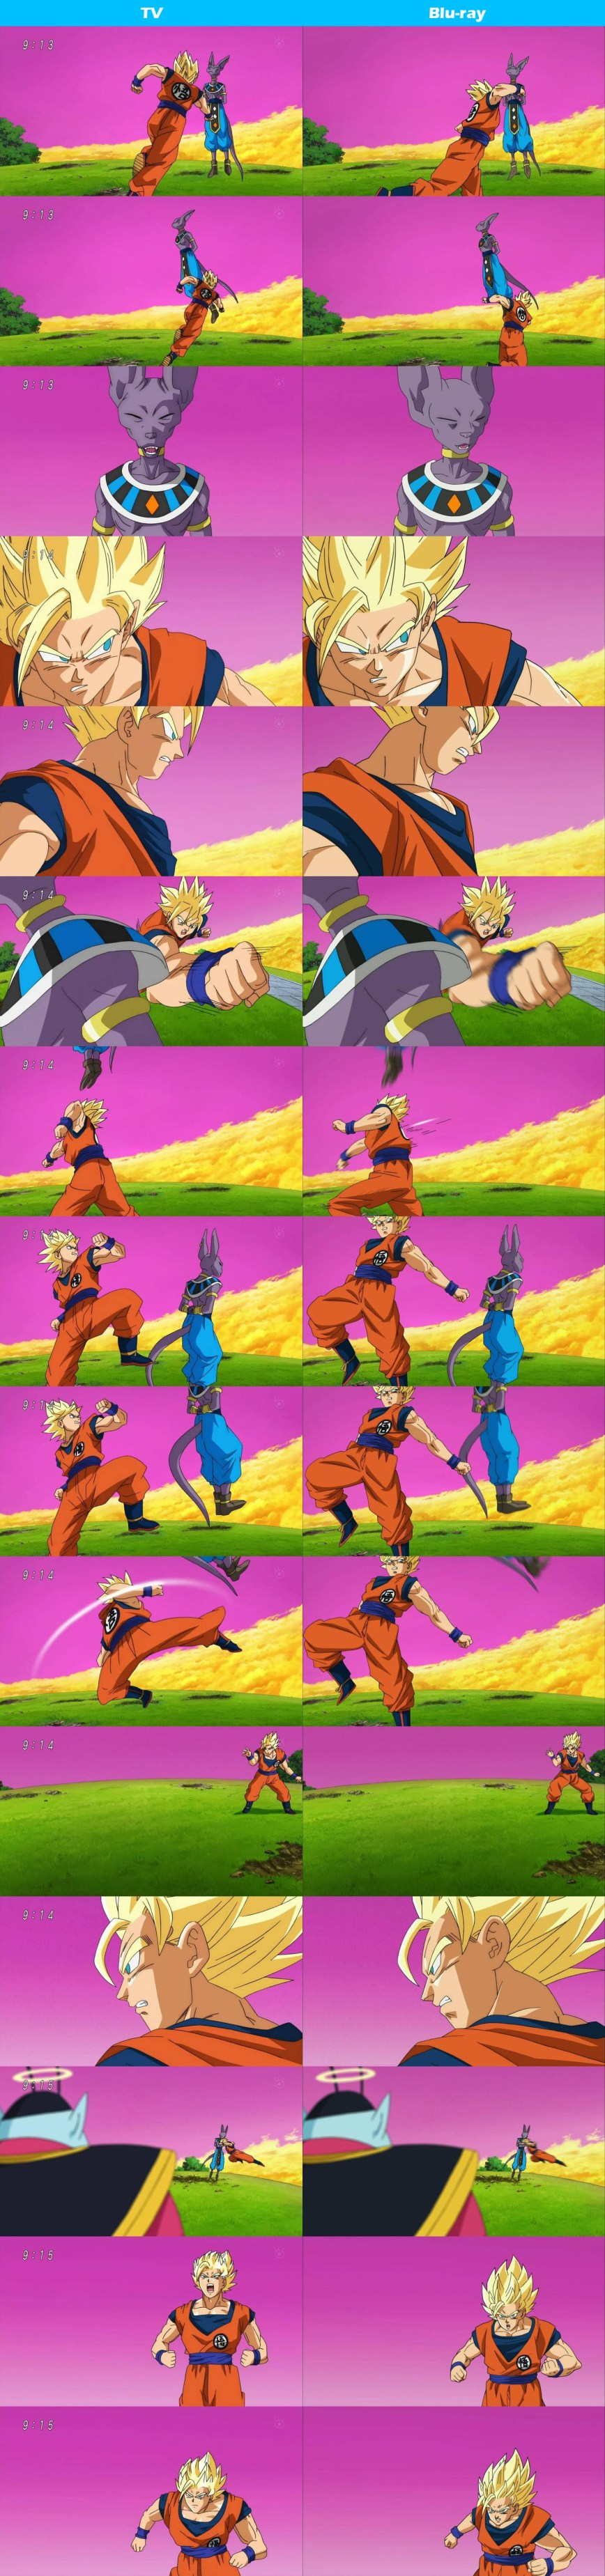 Dragon-Ball-Super-TV-and-Blu-Ray-Comparison-2